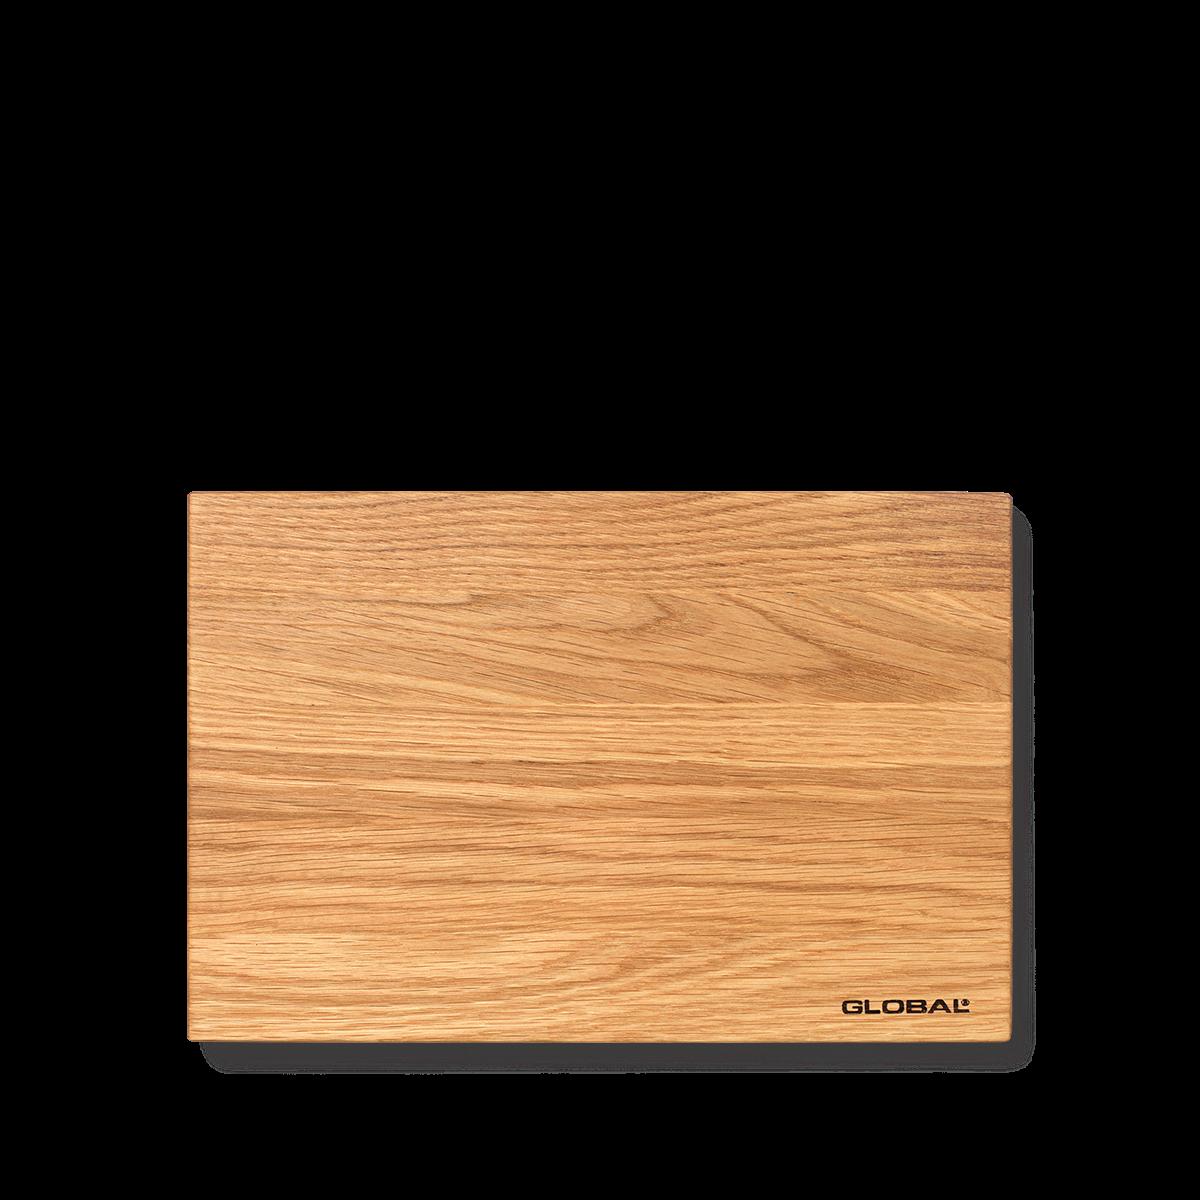 GLOBAL - Cutting Board 30 x 20 cm - Oak (17477)